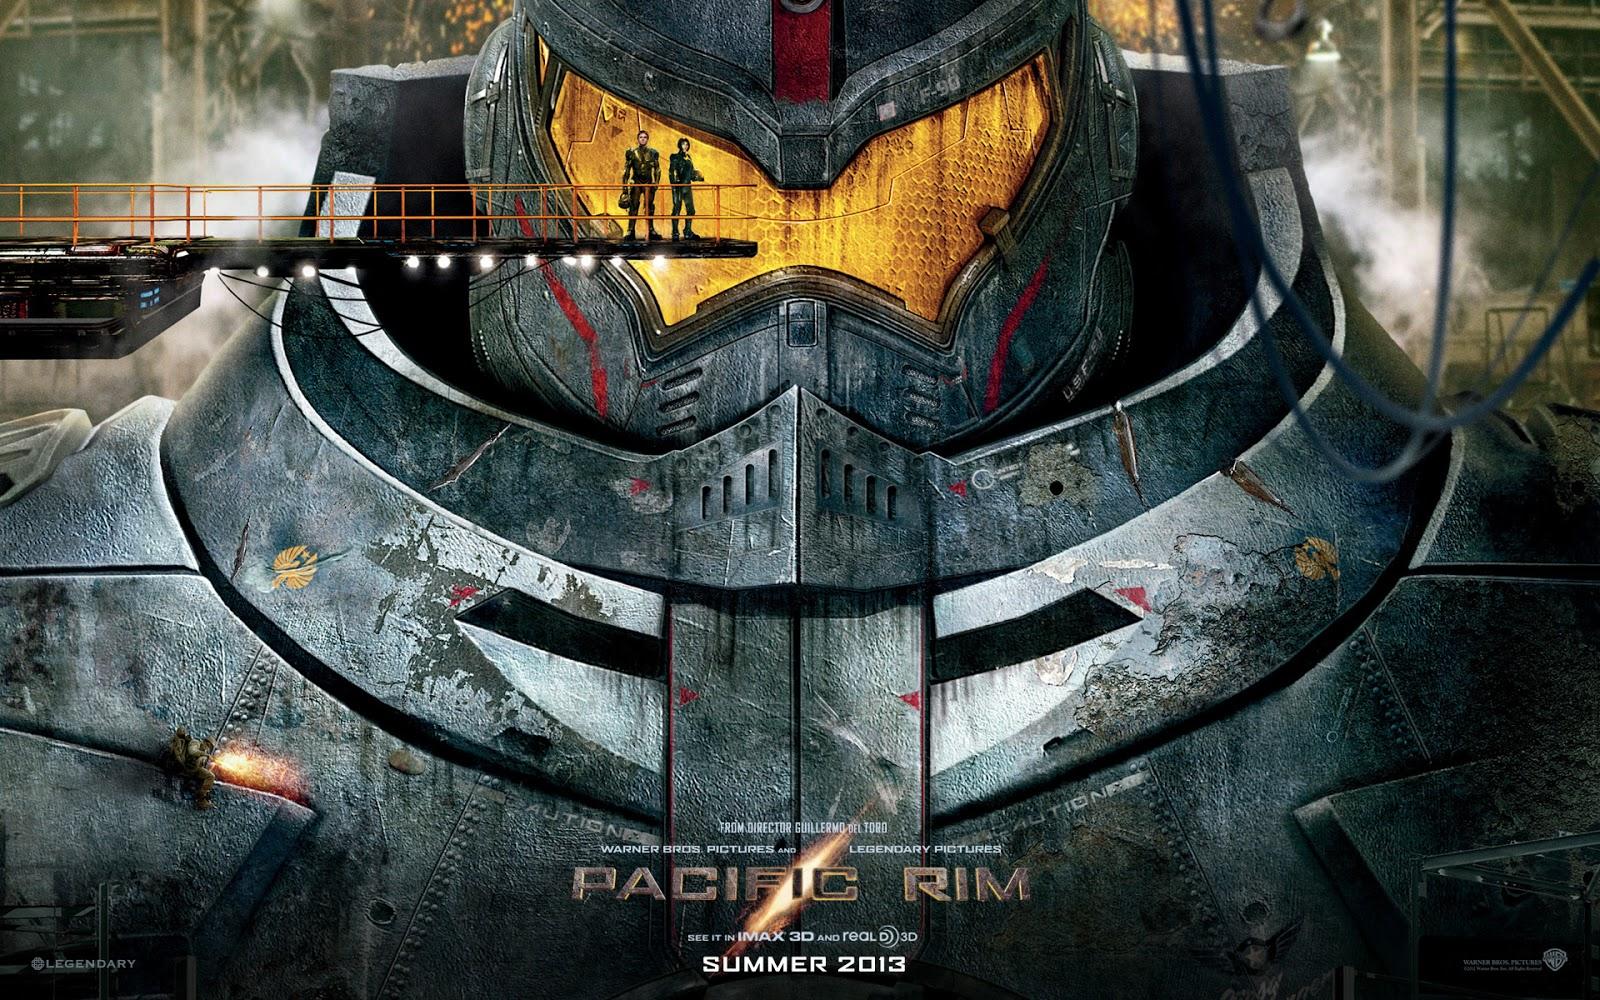 老占的博客: 科幻片《Pacific Rim》背後的驚人密碼 Pacific Rim 2013